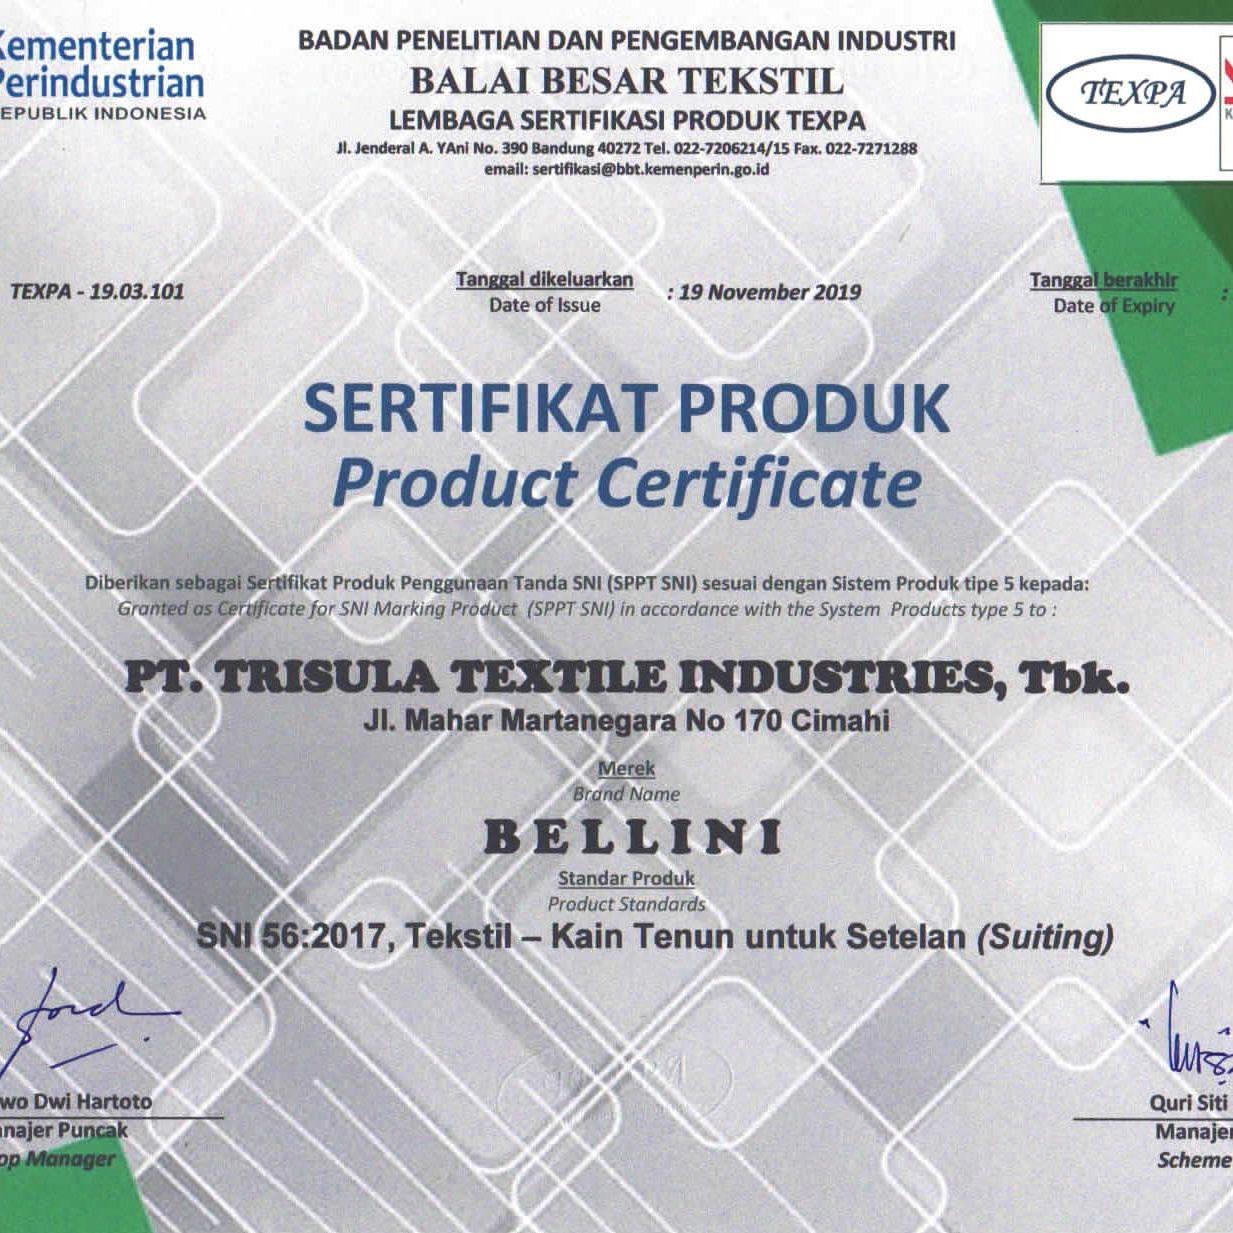 Sertifikat 56 - 2017 Produk Bellini